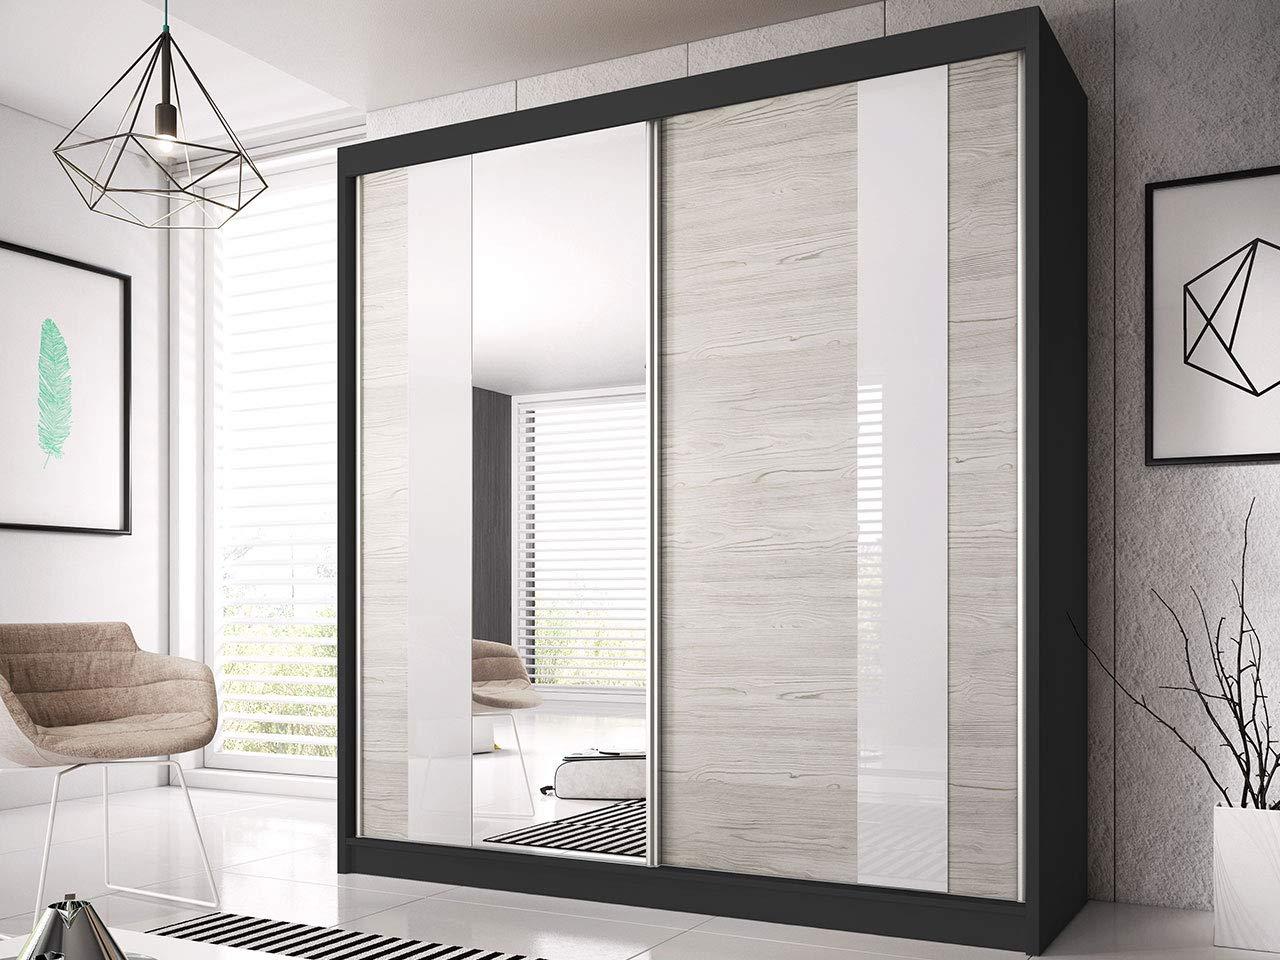 Wohnzimmerschrank Schiebeturenschrank Modern Design Weiss Schwarz